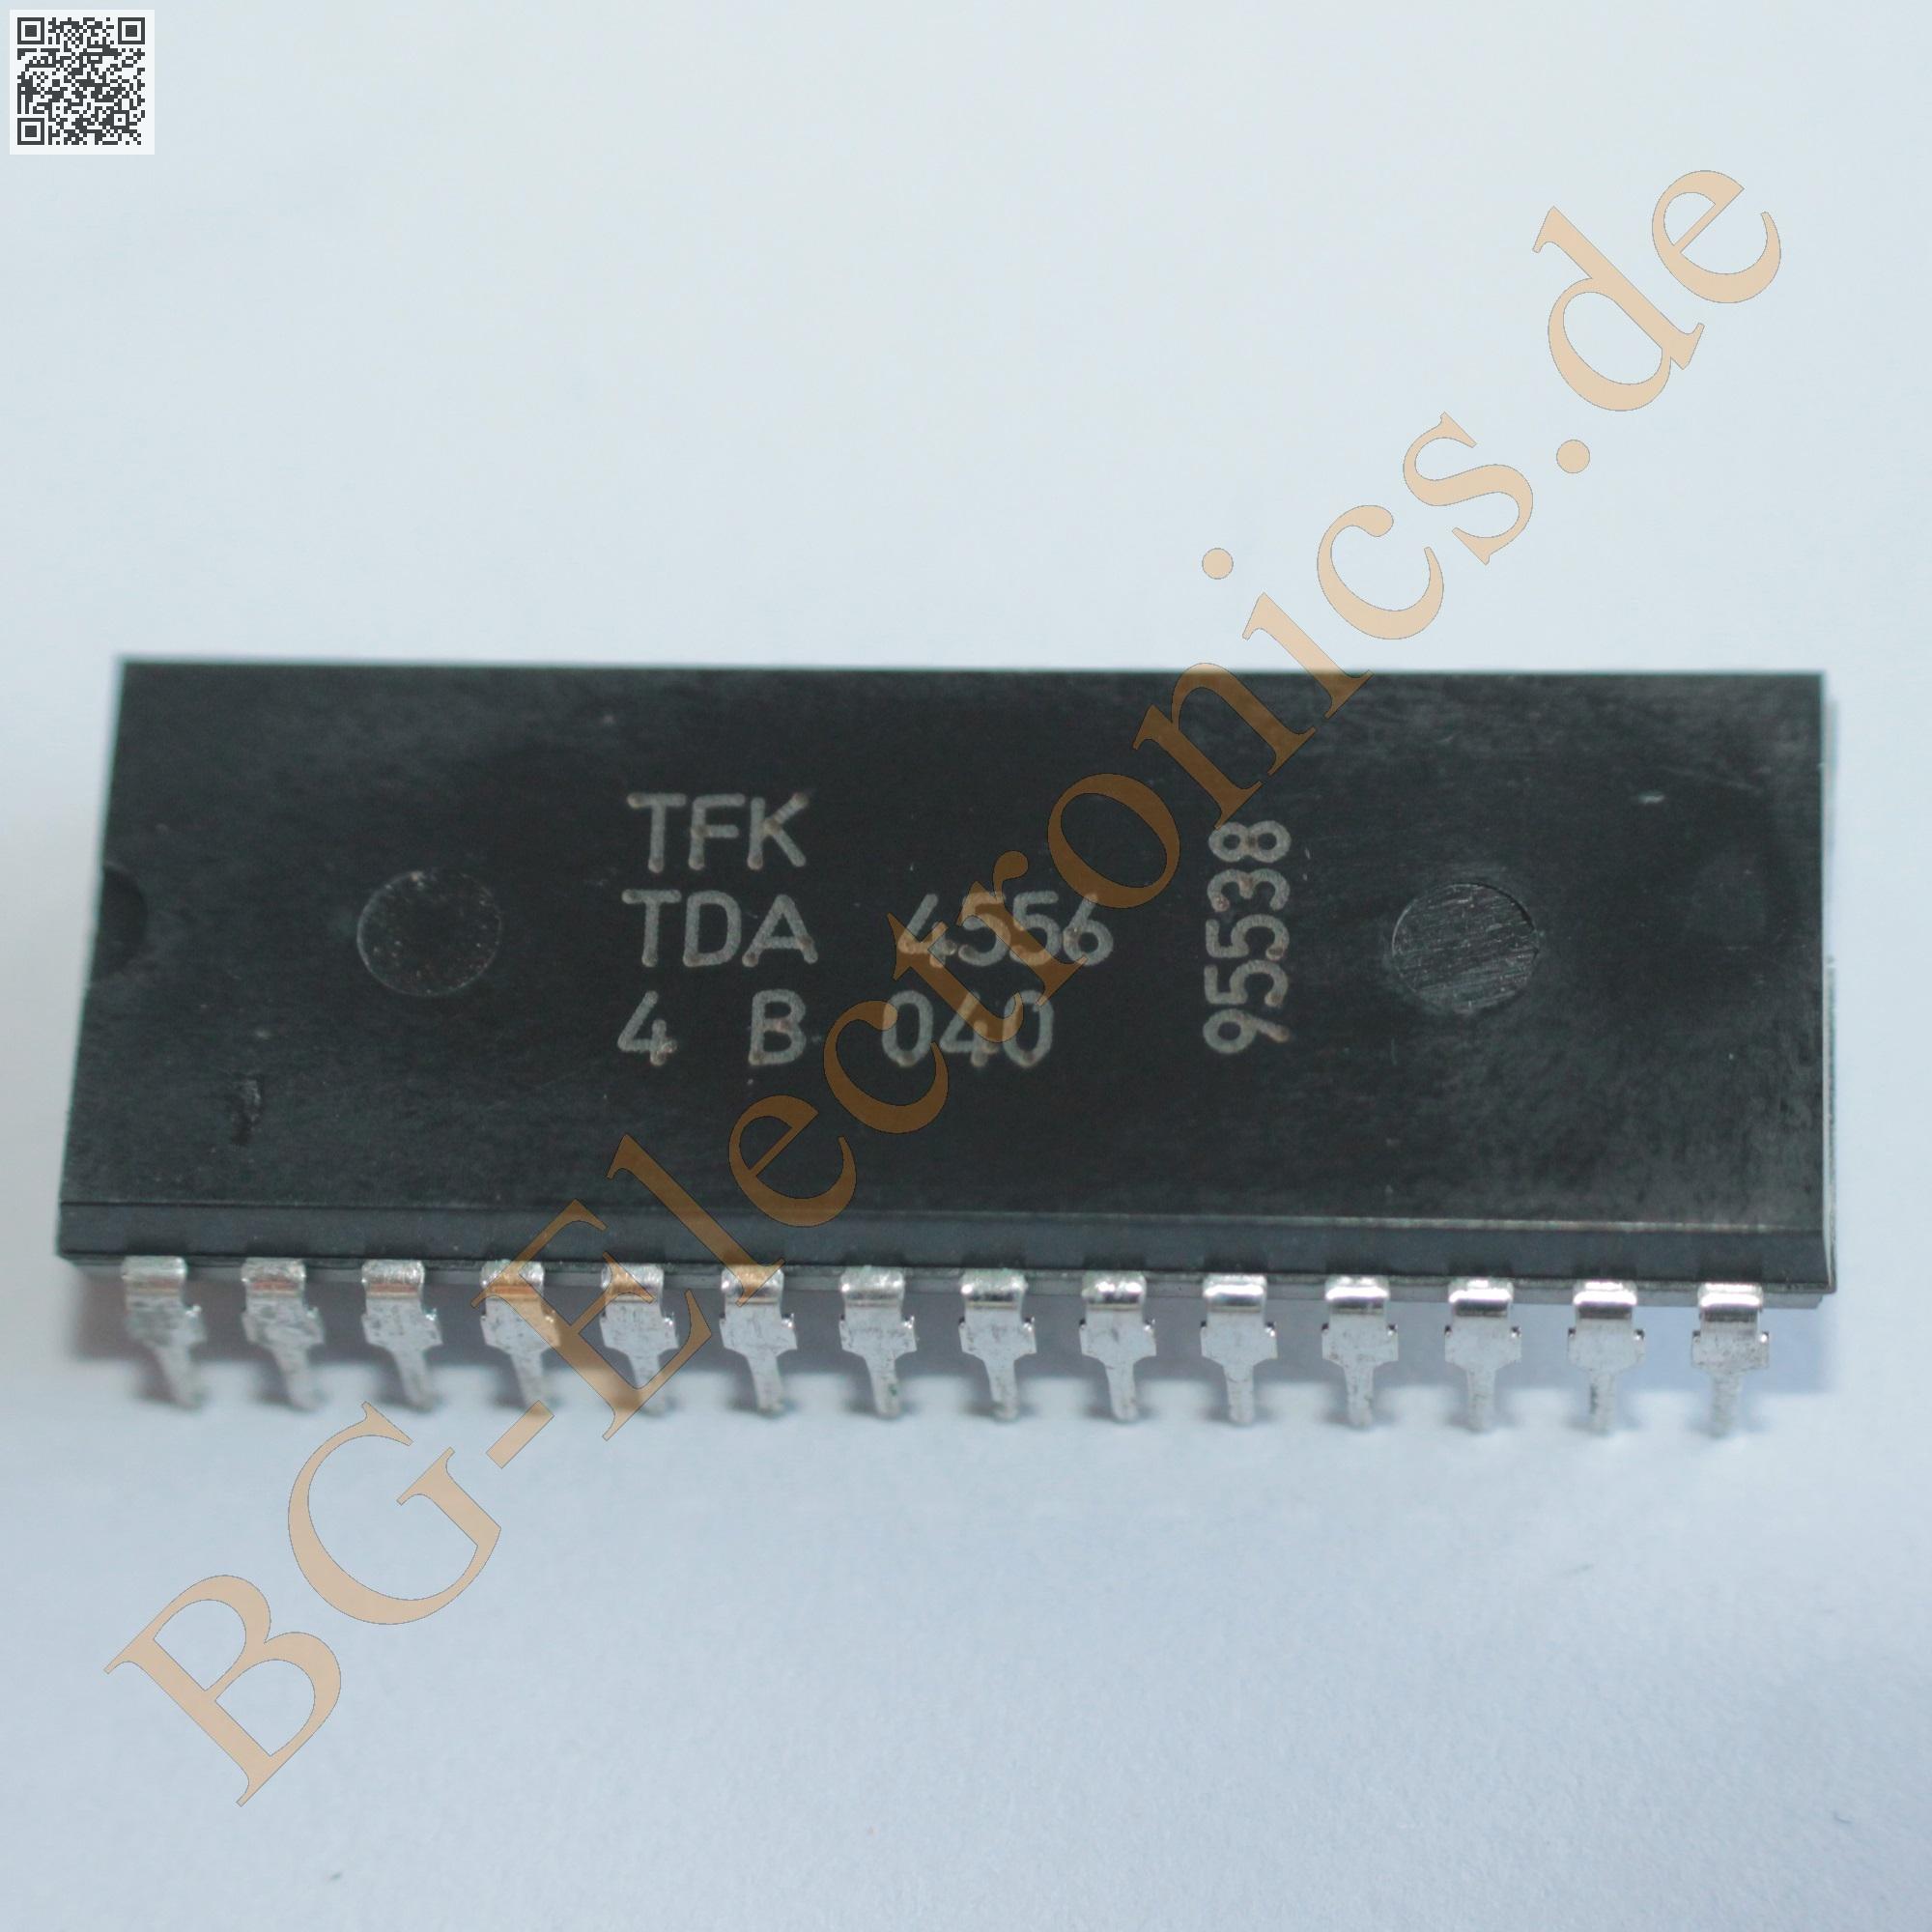 1 x TDA4556 PAL//SECAM//NTSC DECODER TFK DIP-28 1pcs